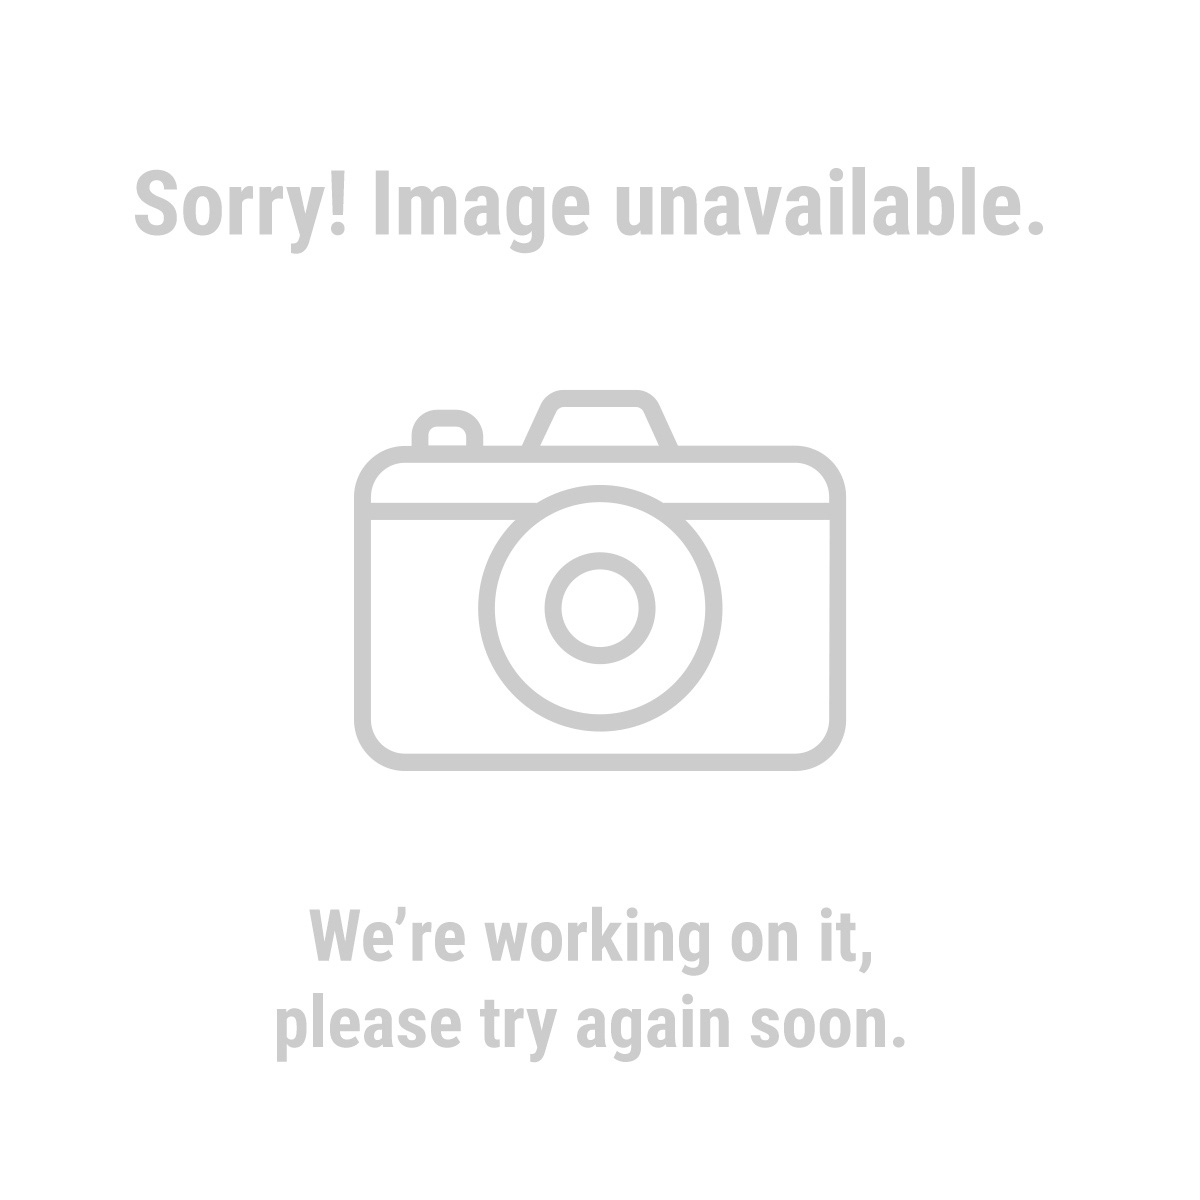 Predator Generators 61486 8 in. Never-Flat Generator Wheel Kit